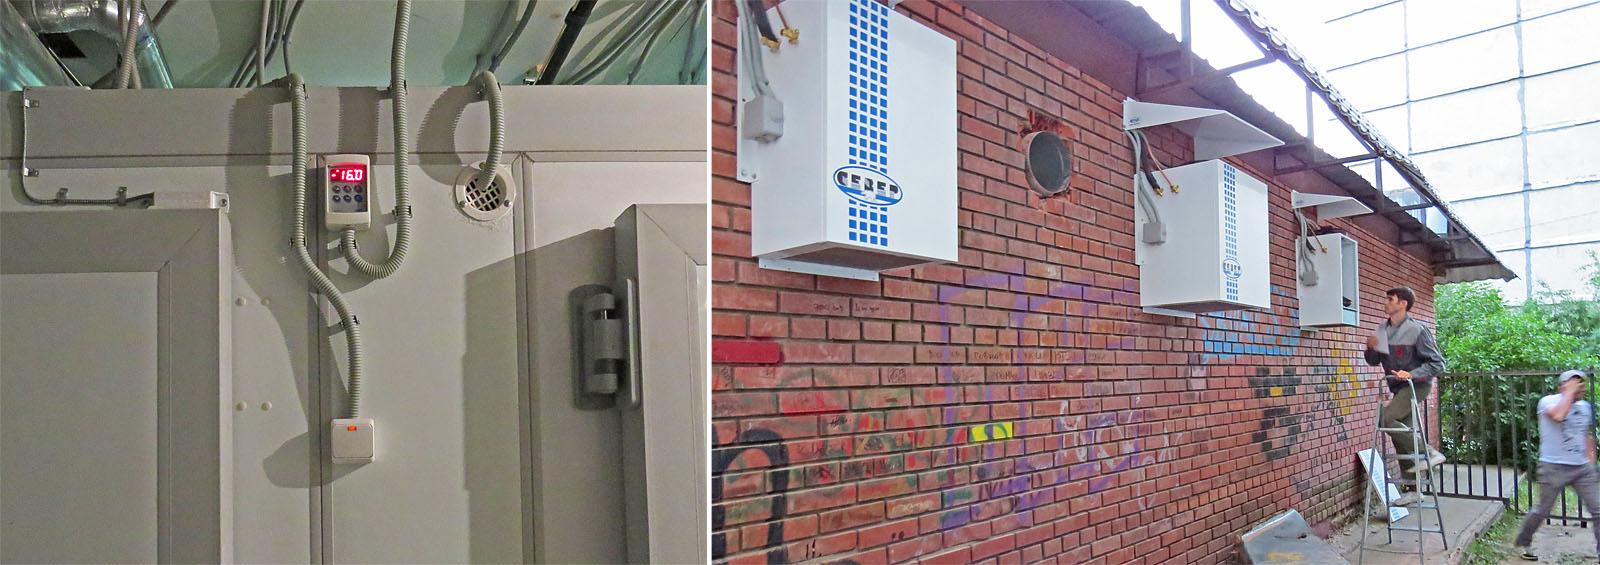 Холодильные агрегаты порадовали своей тихой работой.